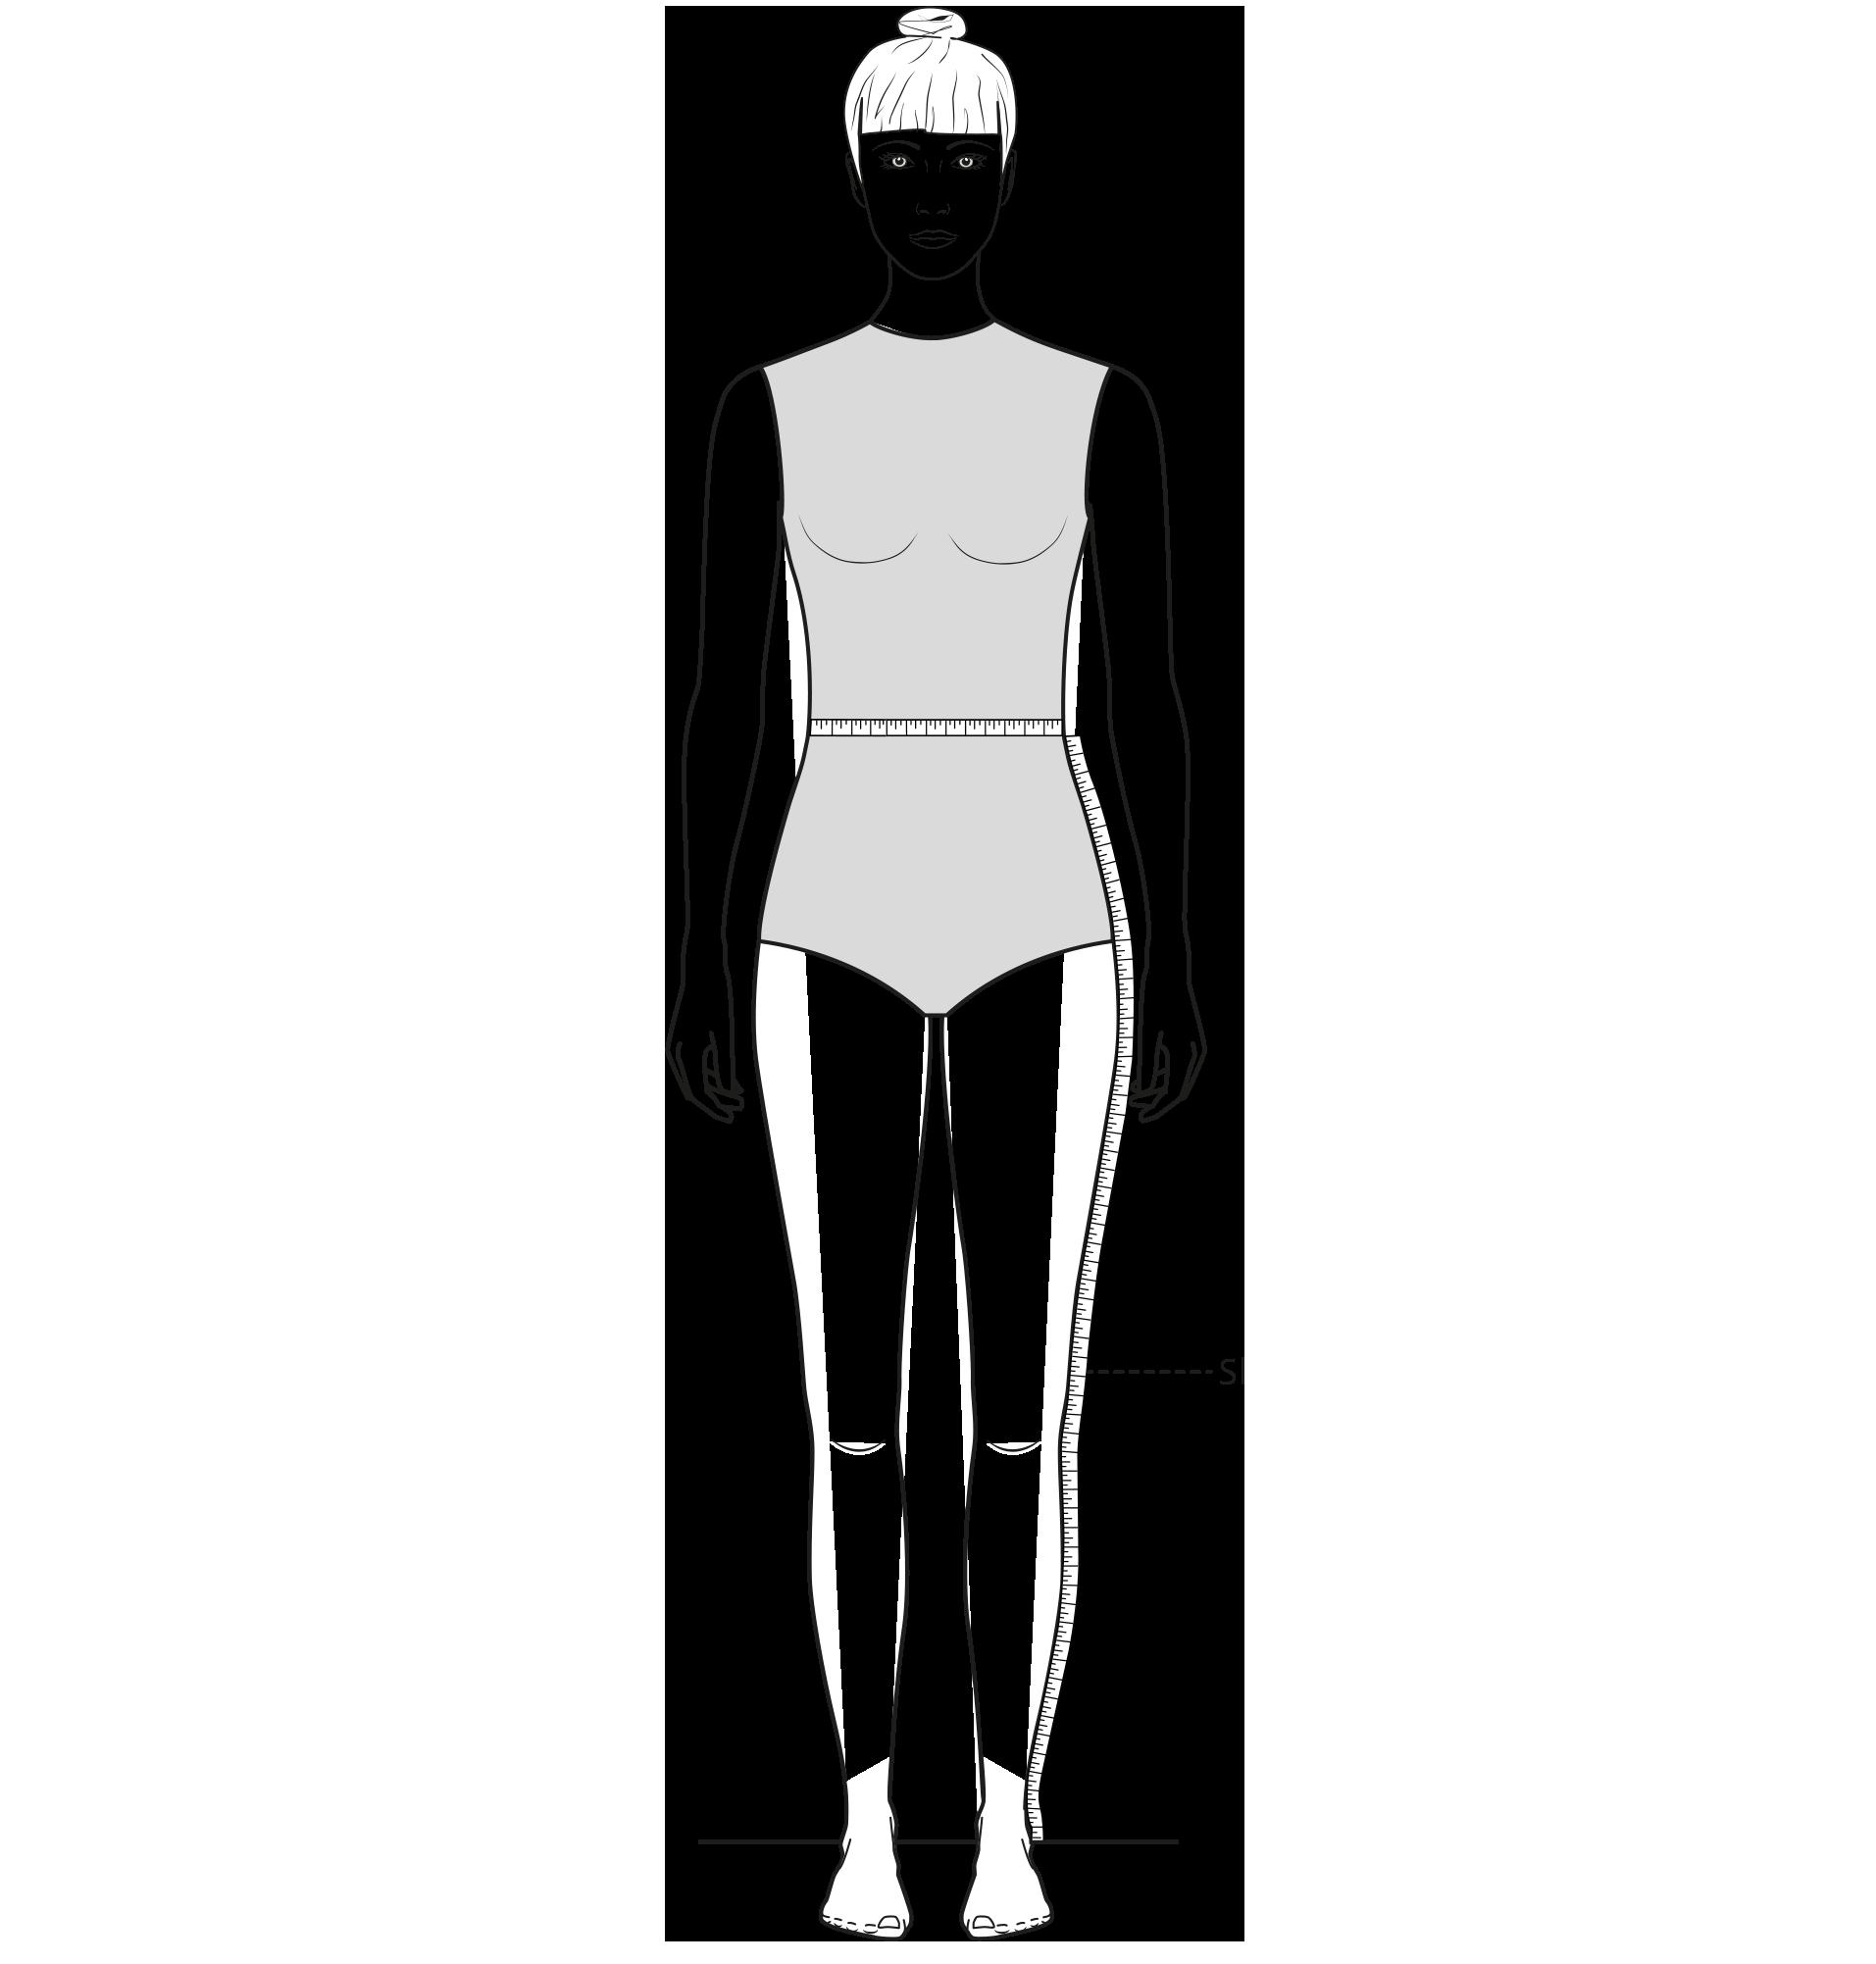 Diese Zeichnung zeigt das Messen der Seitenlänge.